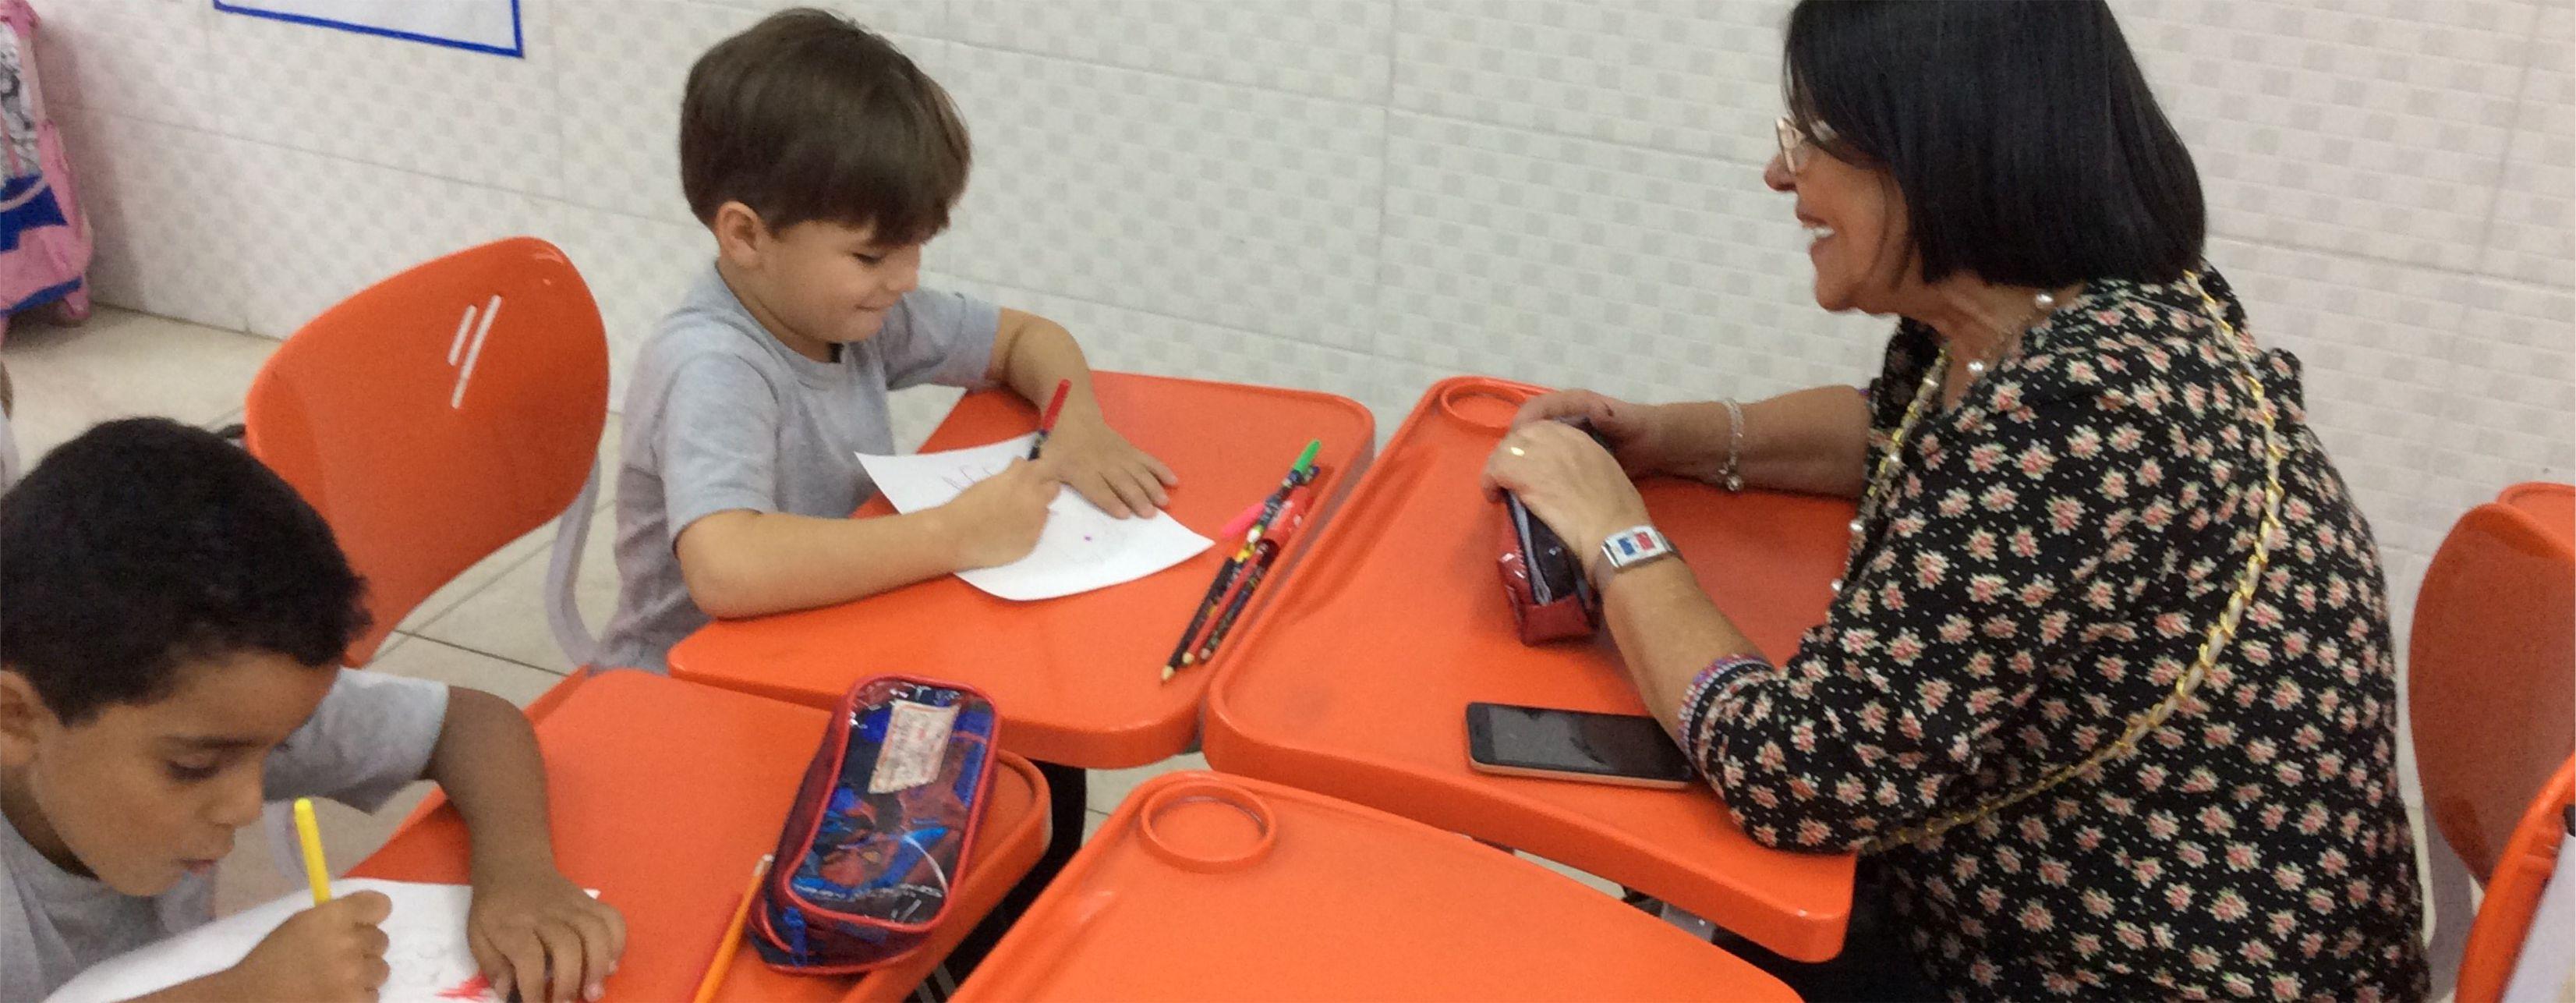 Avó orienta neto do Pré da Educação Infantil Certus a fazer lição